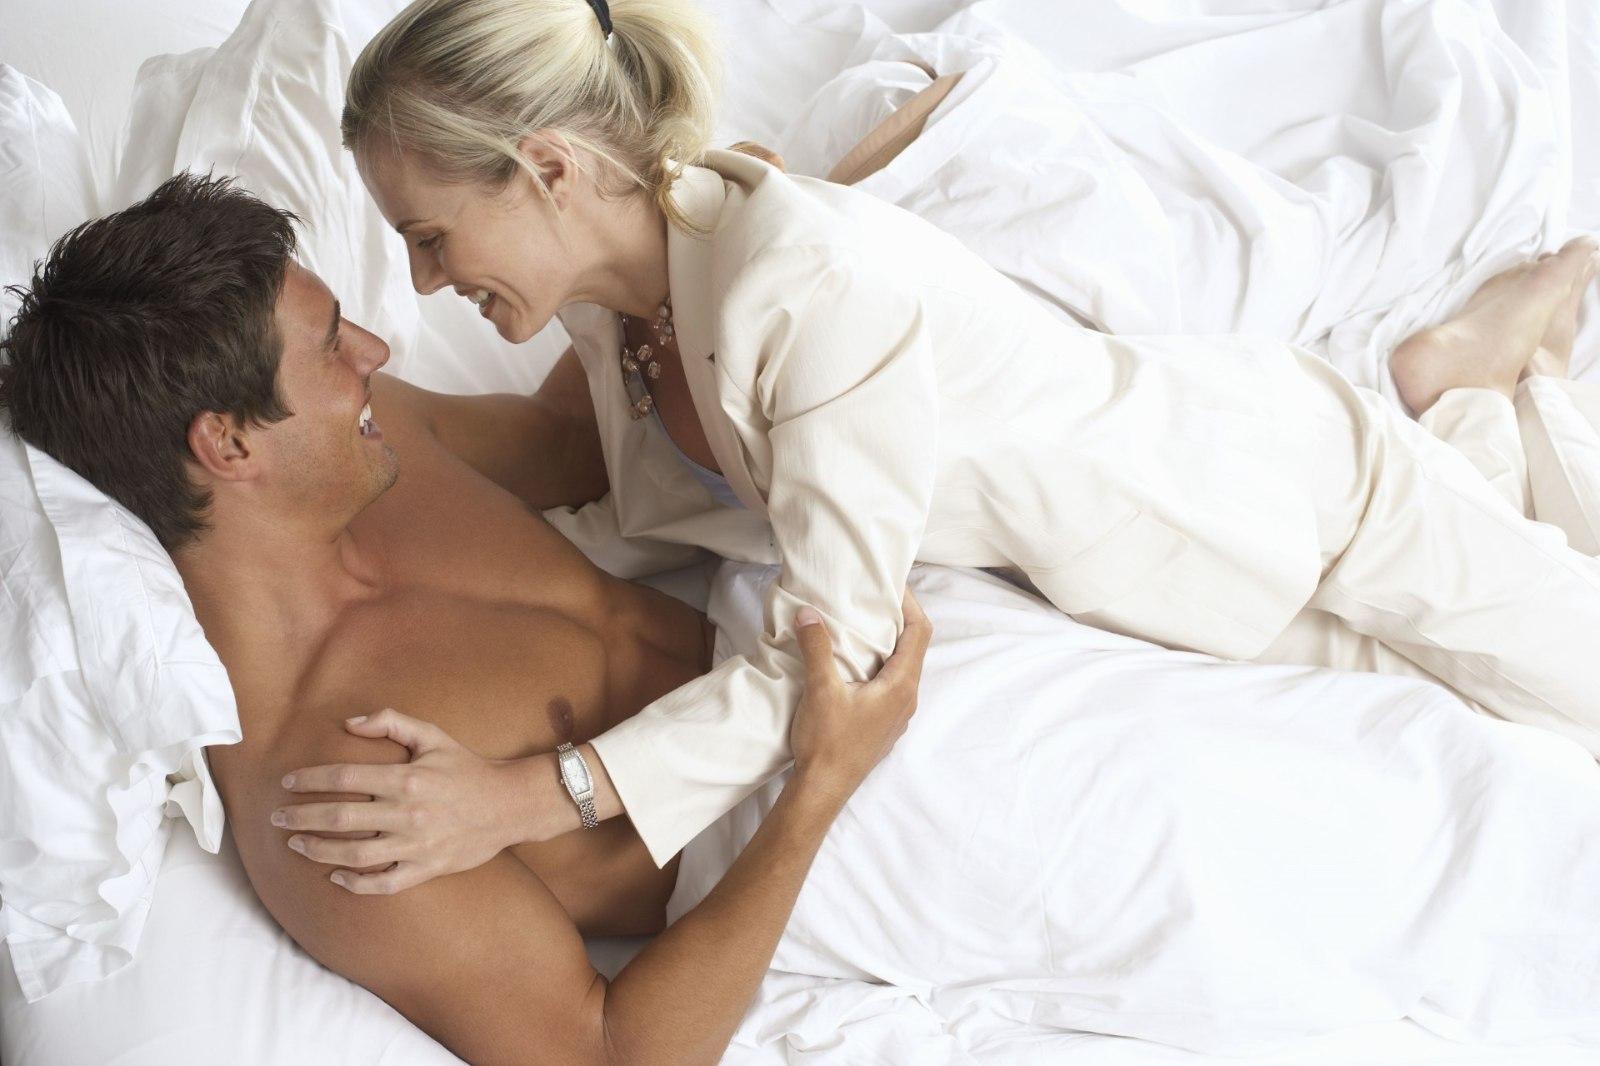 Смотрит секс бесплатно целка, Целки Порно и Секс Видео Смотреть Онлайн Бесплатно 20 фотография